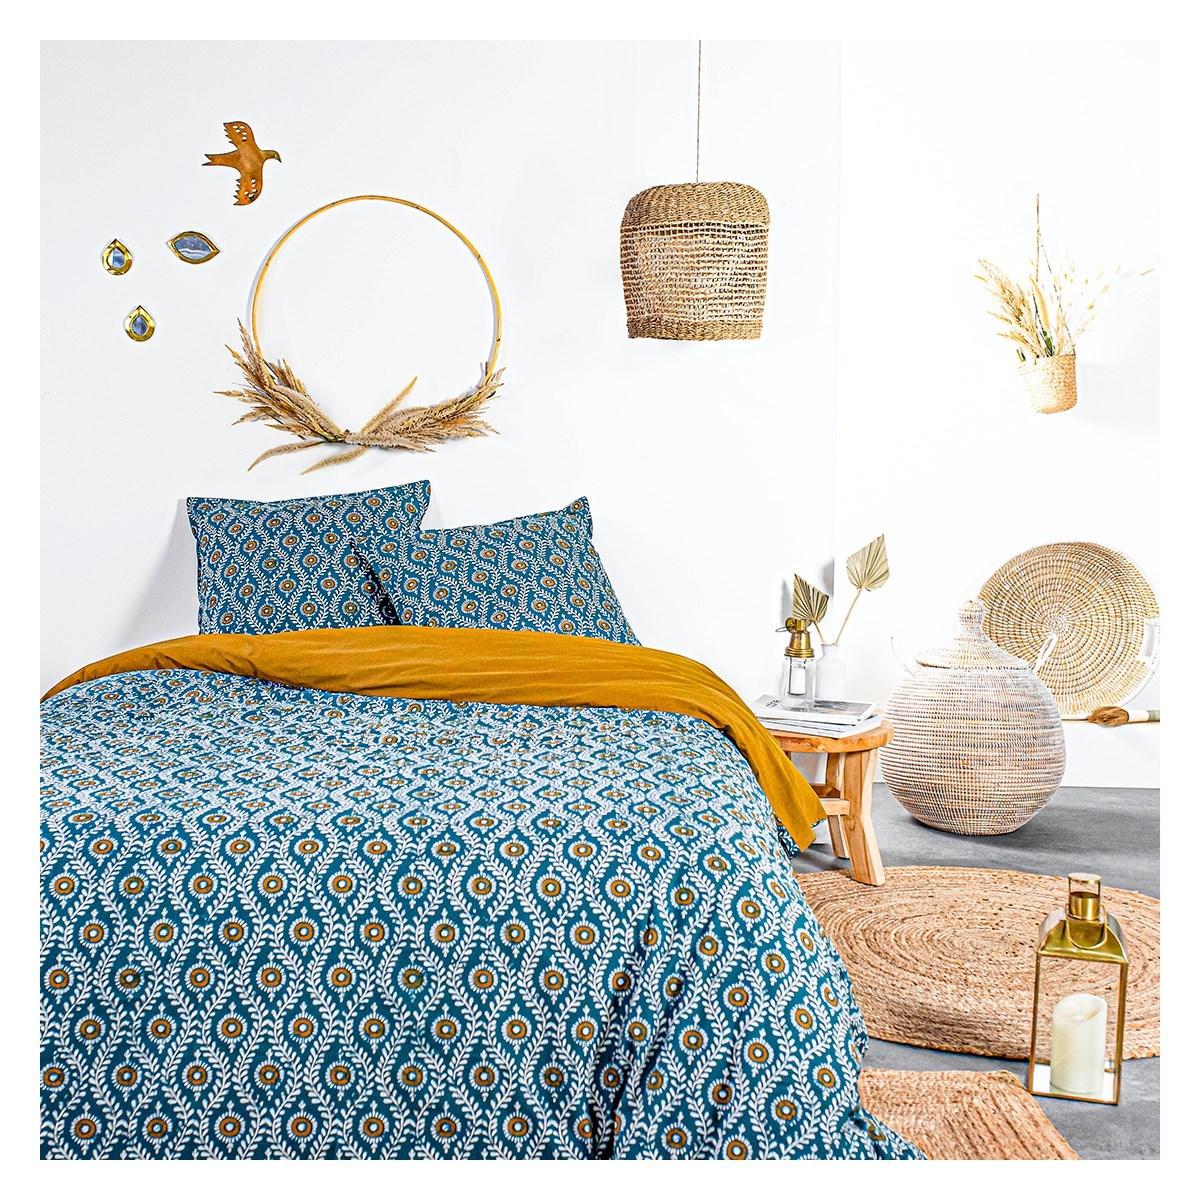 Parure de lit 2 personnes imprimé bohème en Coton Bleu 220x240 cm